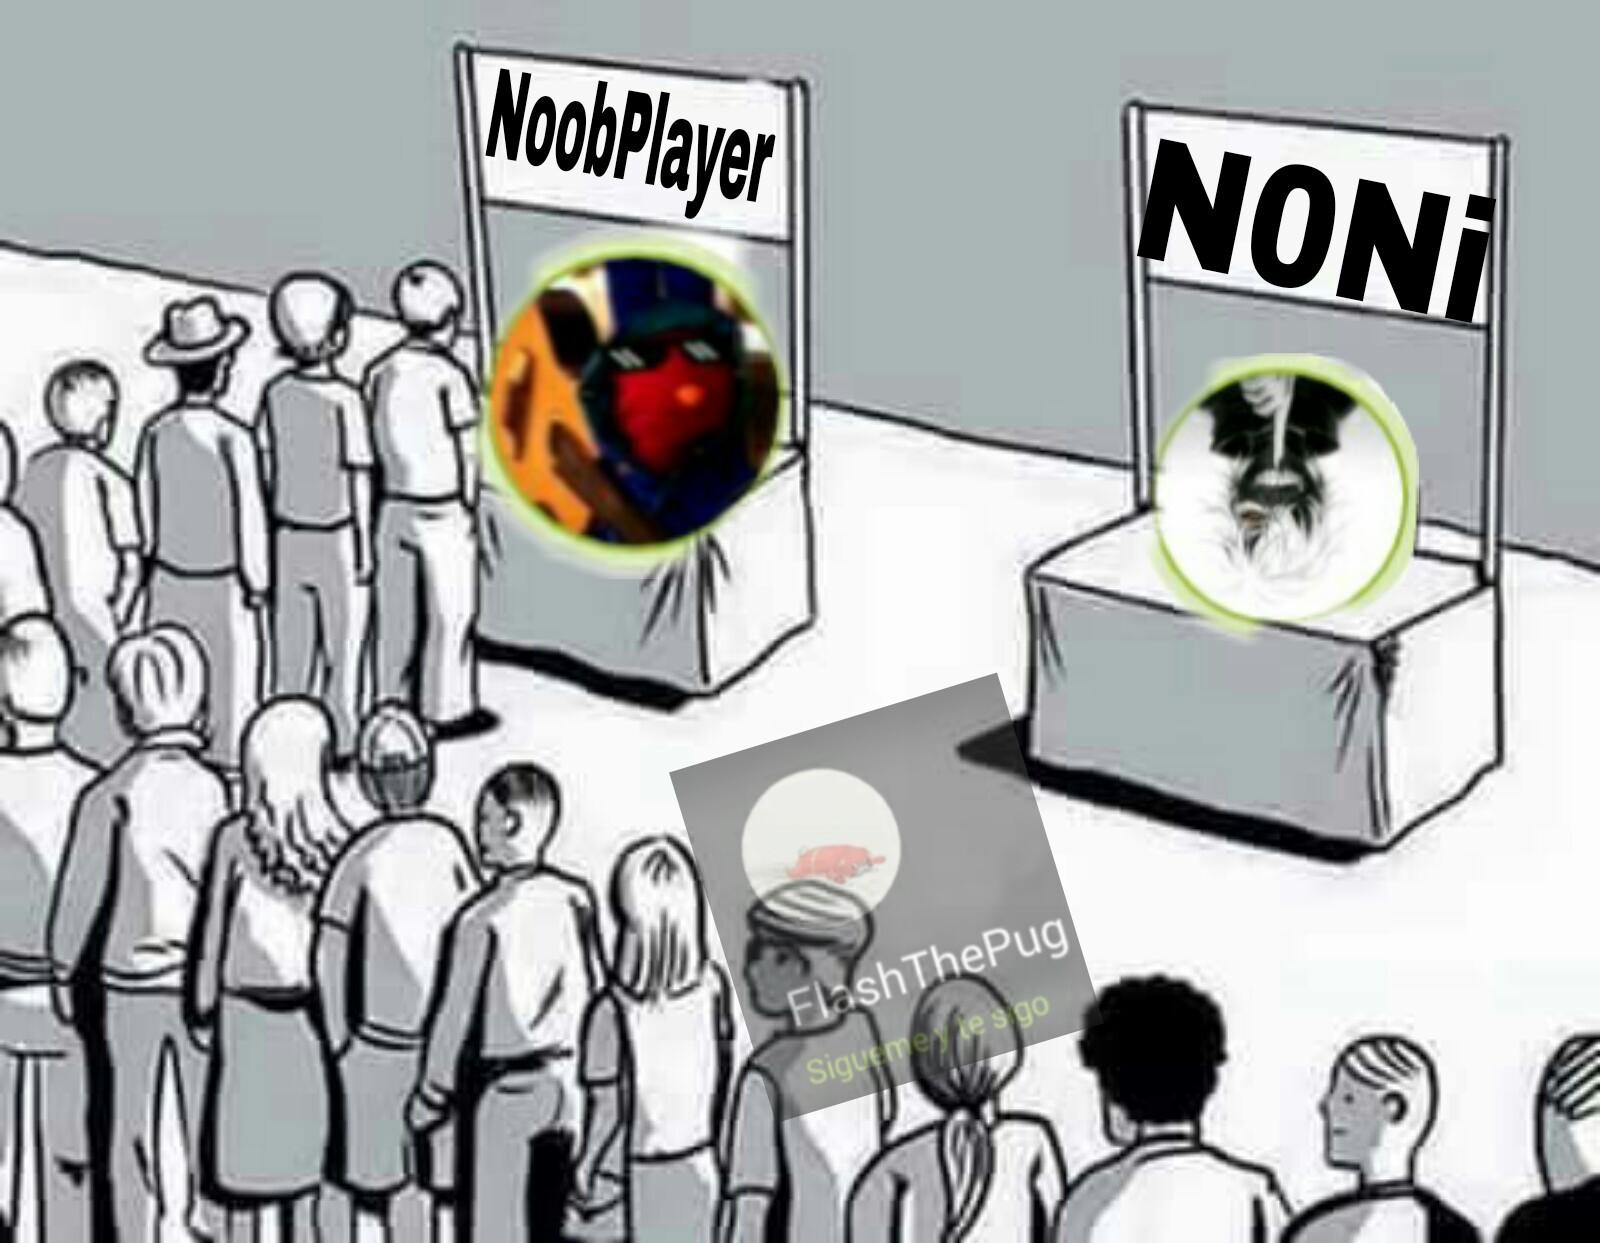 NoobPlayer eres el mejor :) - meme